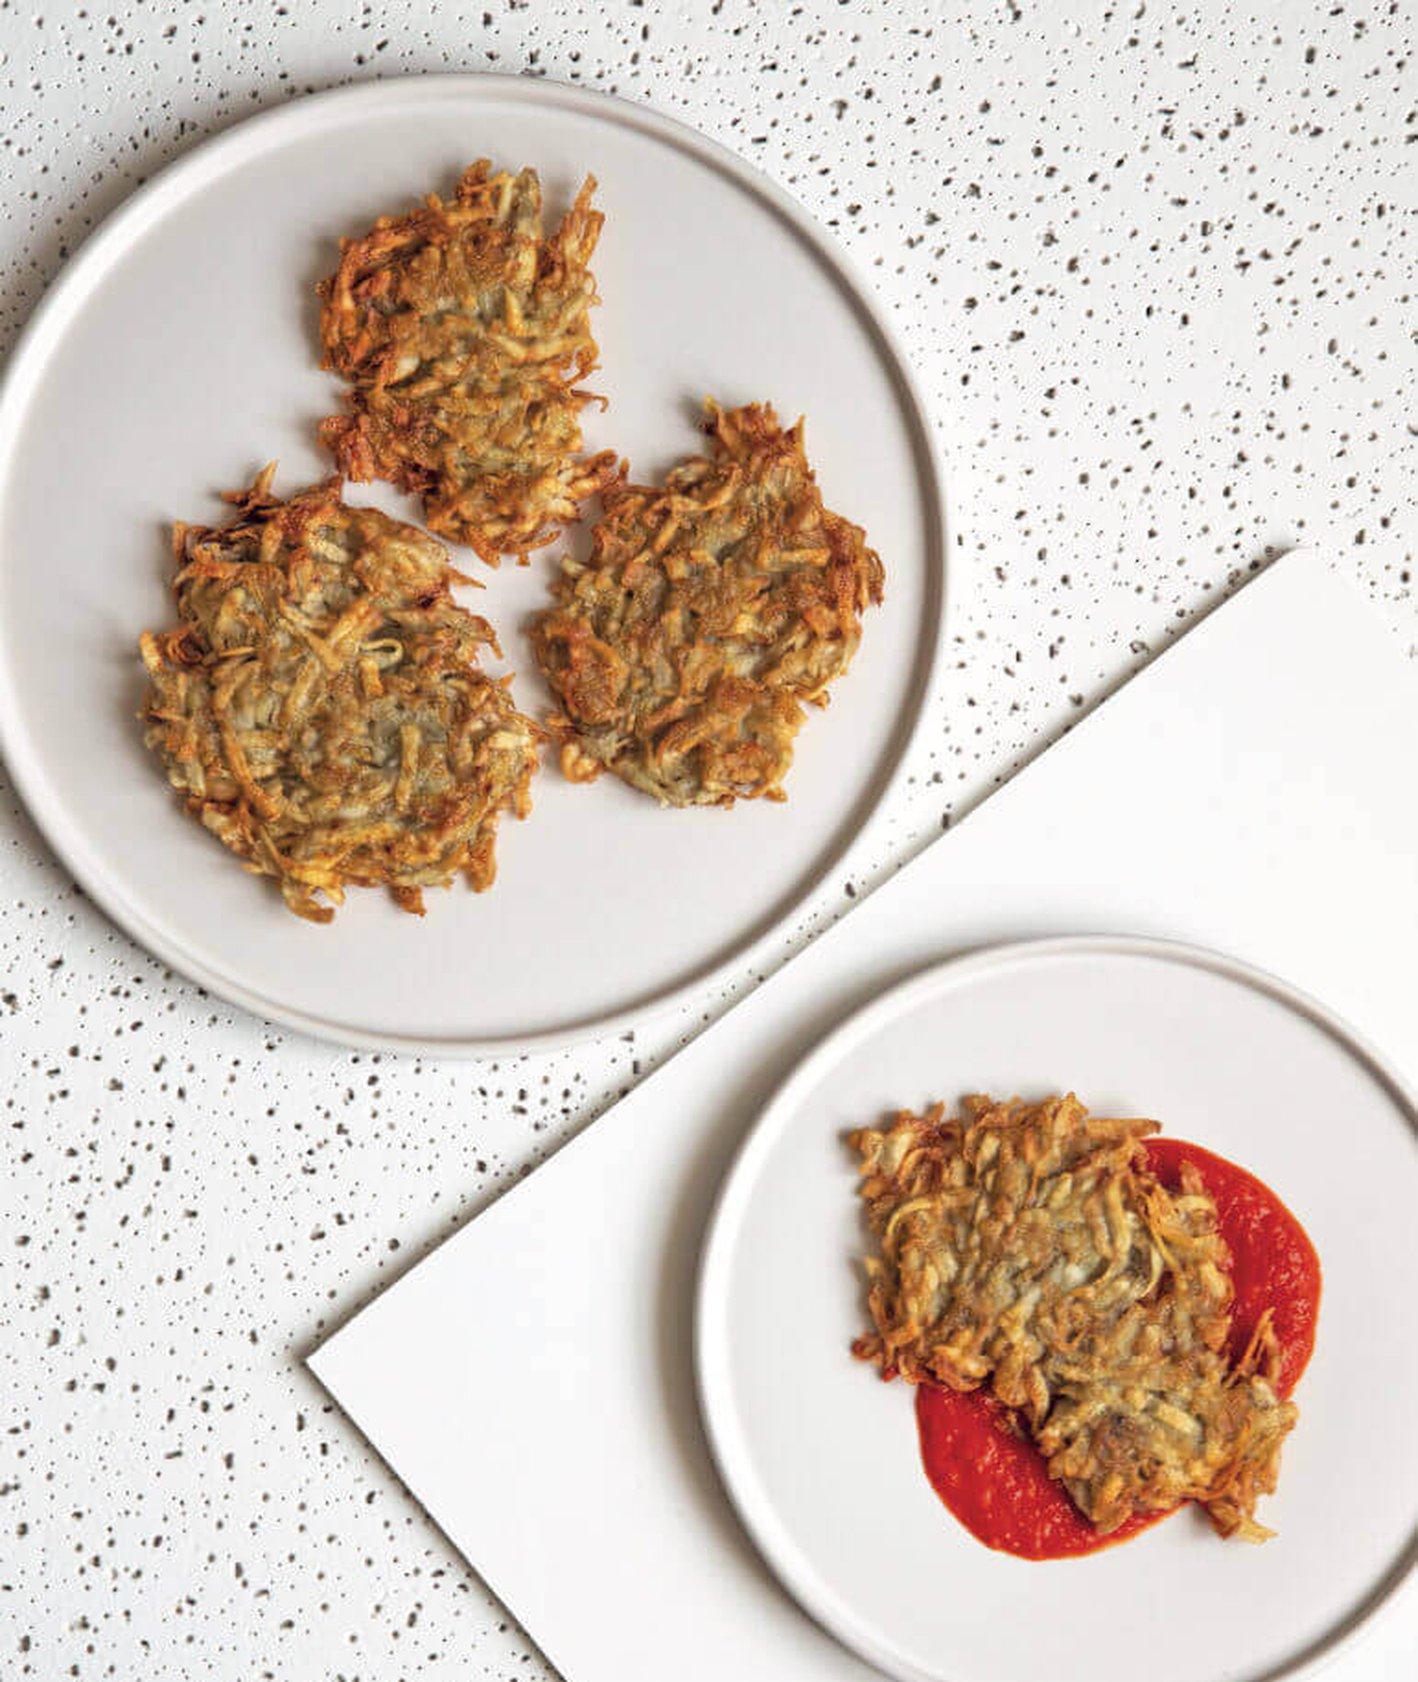 placki ziemniaczane, placki ziemniaczane kukbuk, placki ziemniaczane proste, placki z ziemniaków, proste placki, placki warzywne, placki dla dzieci, kuchnia polska